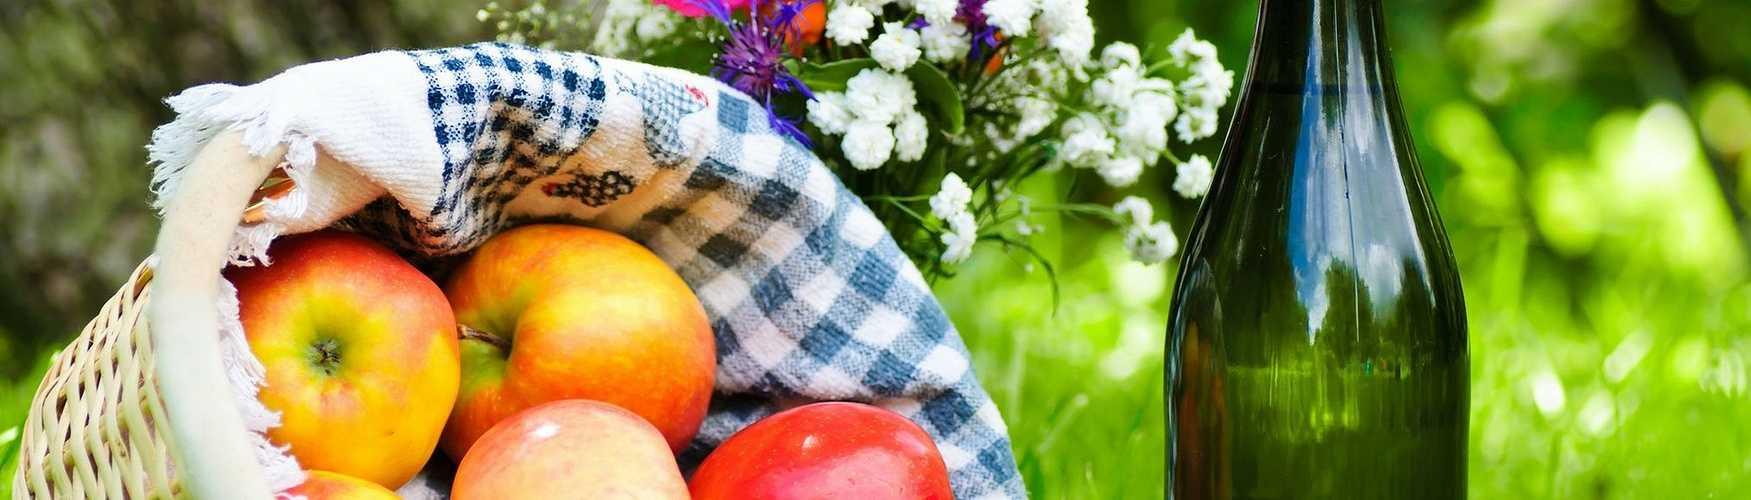 Le panier de la Lande : distribution de produits frais pour particuliers et professionnels 0